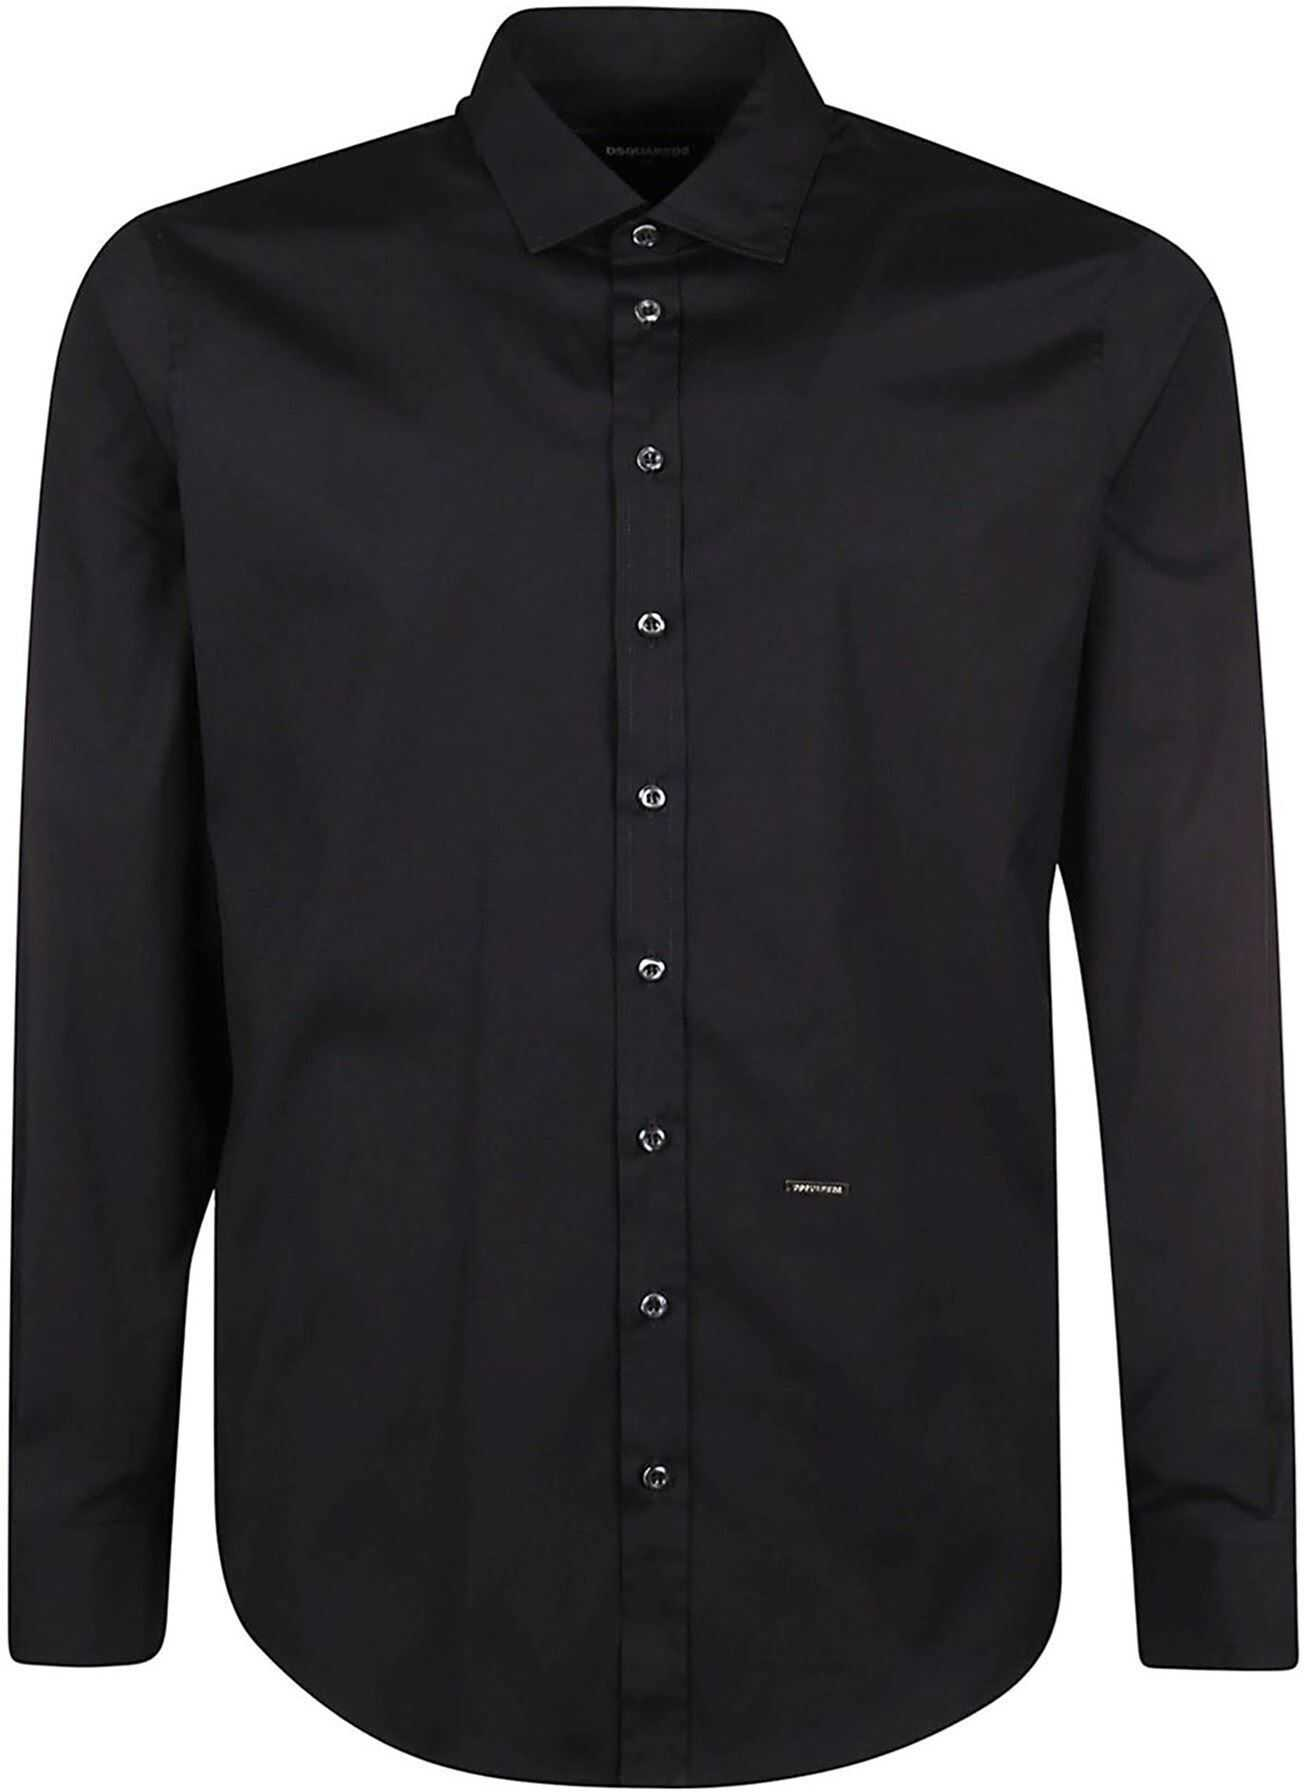 DSQUARED2 Poplin Shirt In Black Black imagine